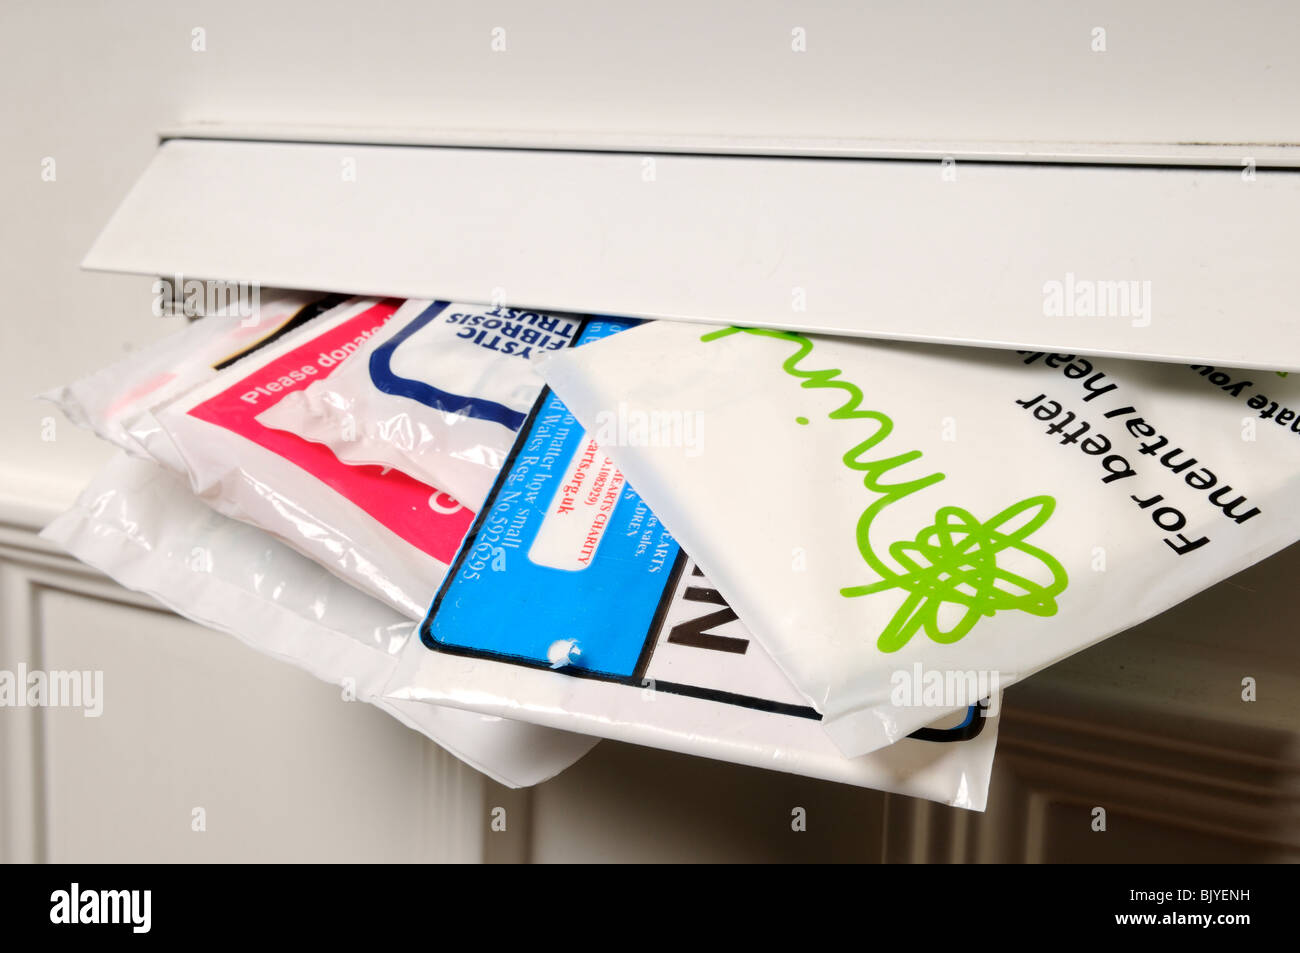 Sammelsäcke für wohltätige Zwecke. Stockbild